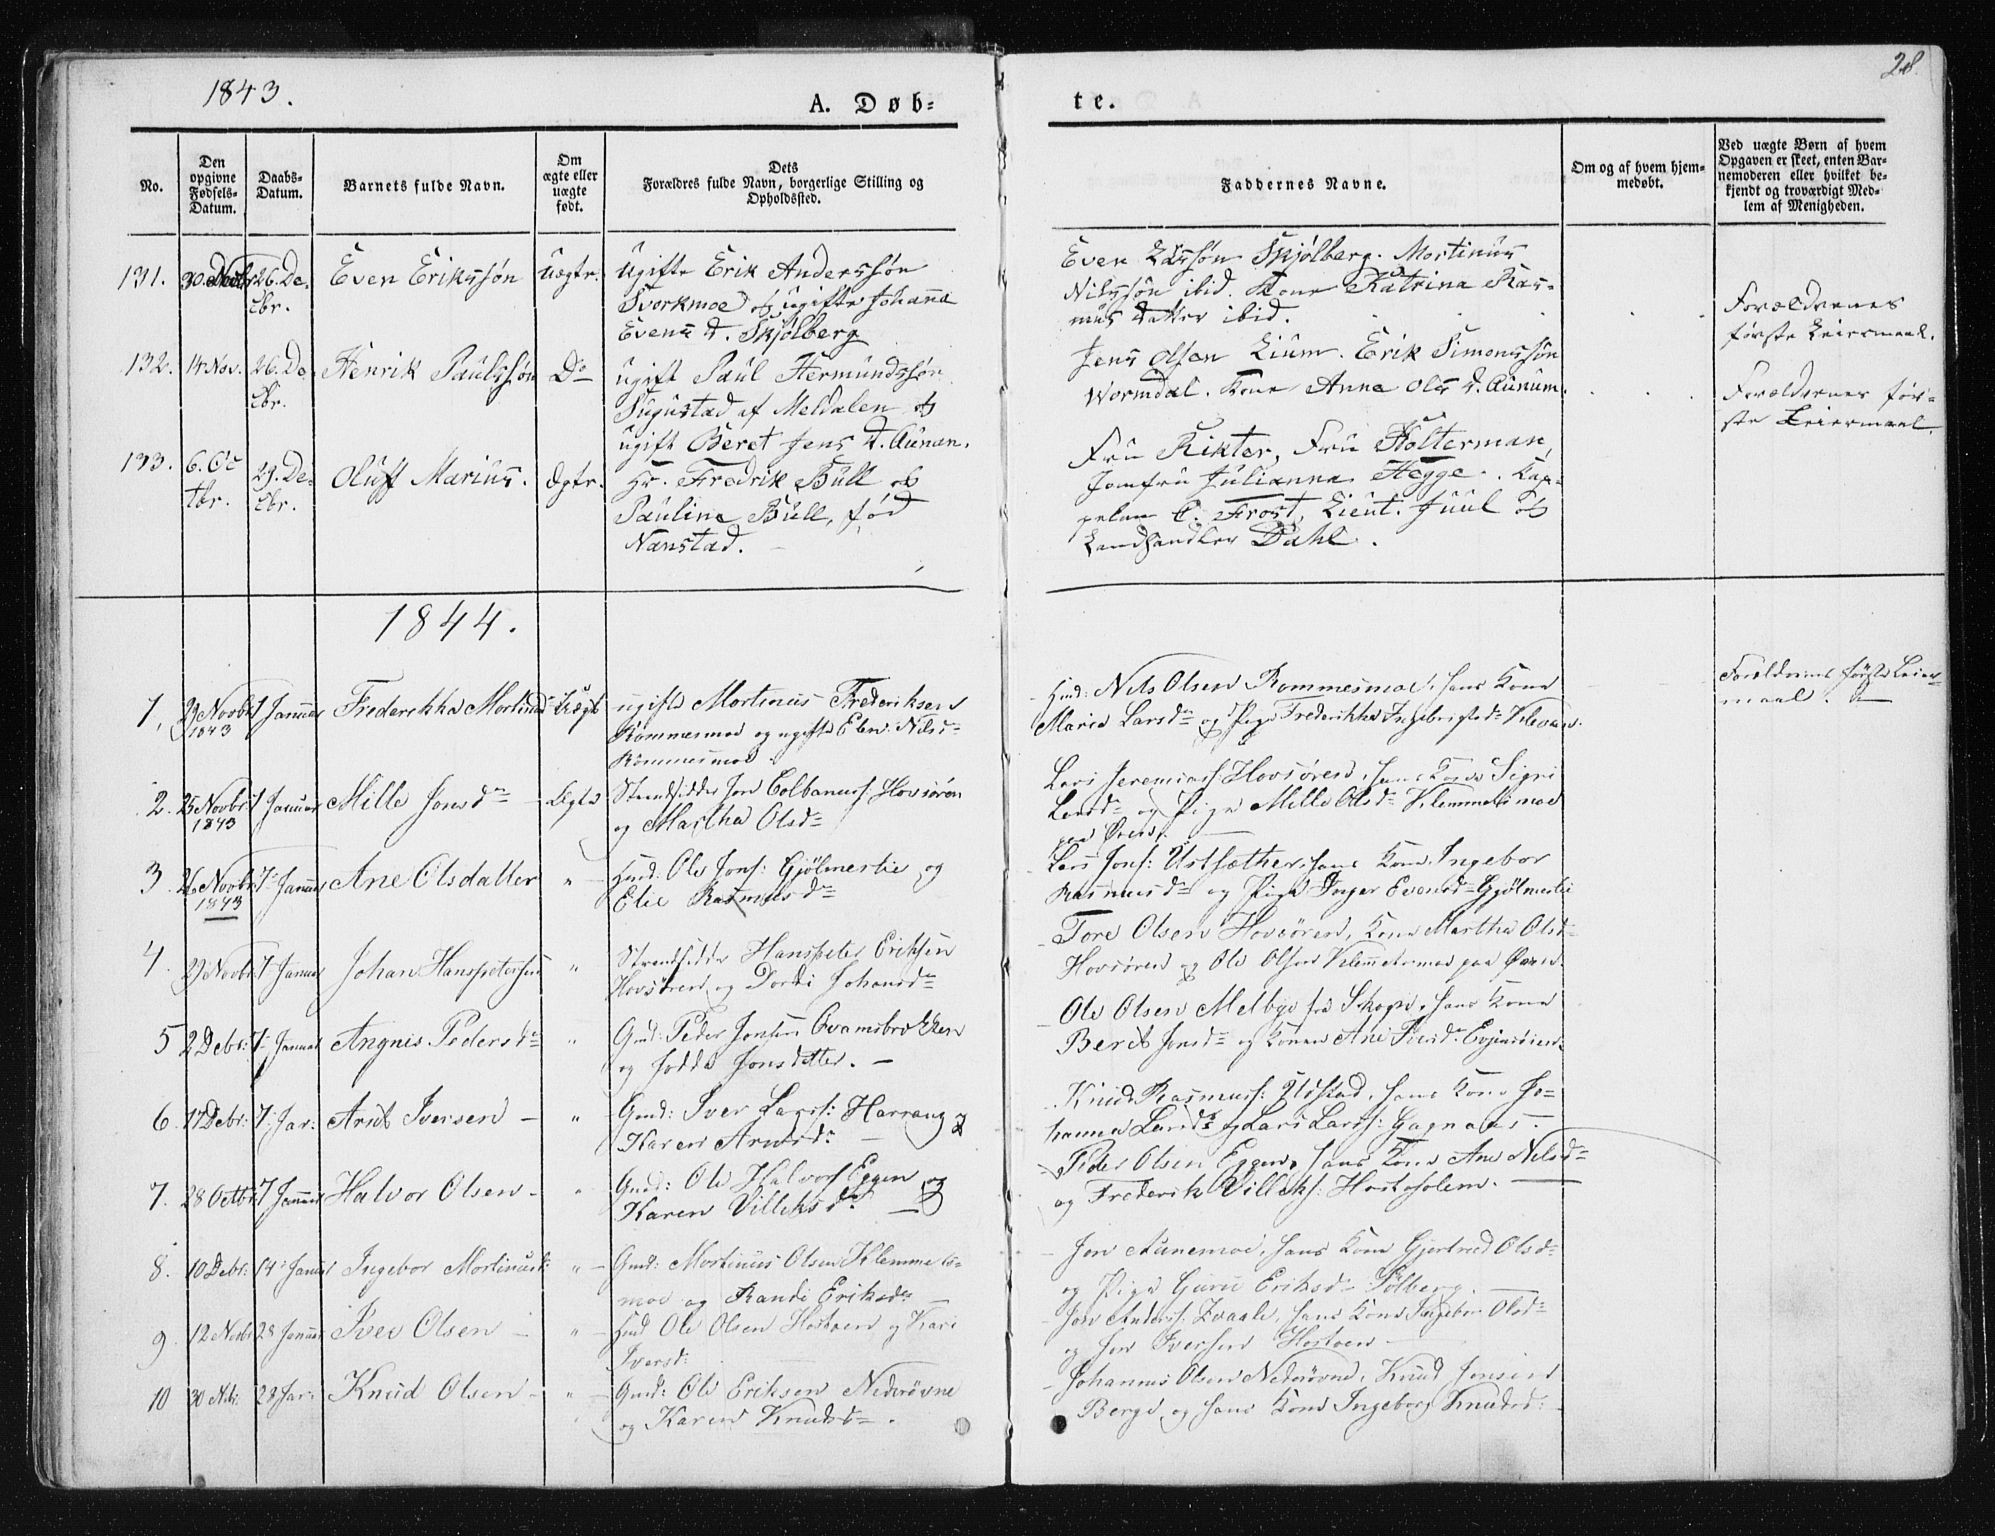 SAT, Ministerialprotokoller, klokkerbøker og fødselsregistre - Sør-Trøndelag, 668/L0805: Ministerialbok nr. 668A05, 1840-1853, s. 28